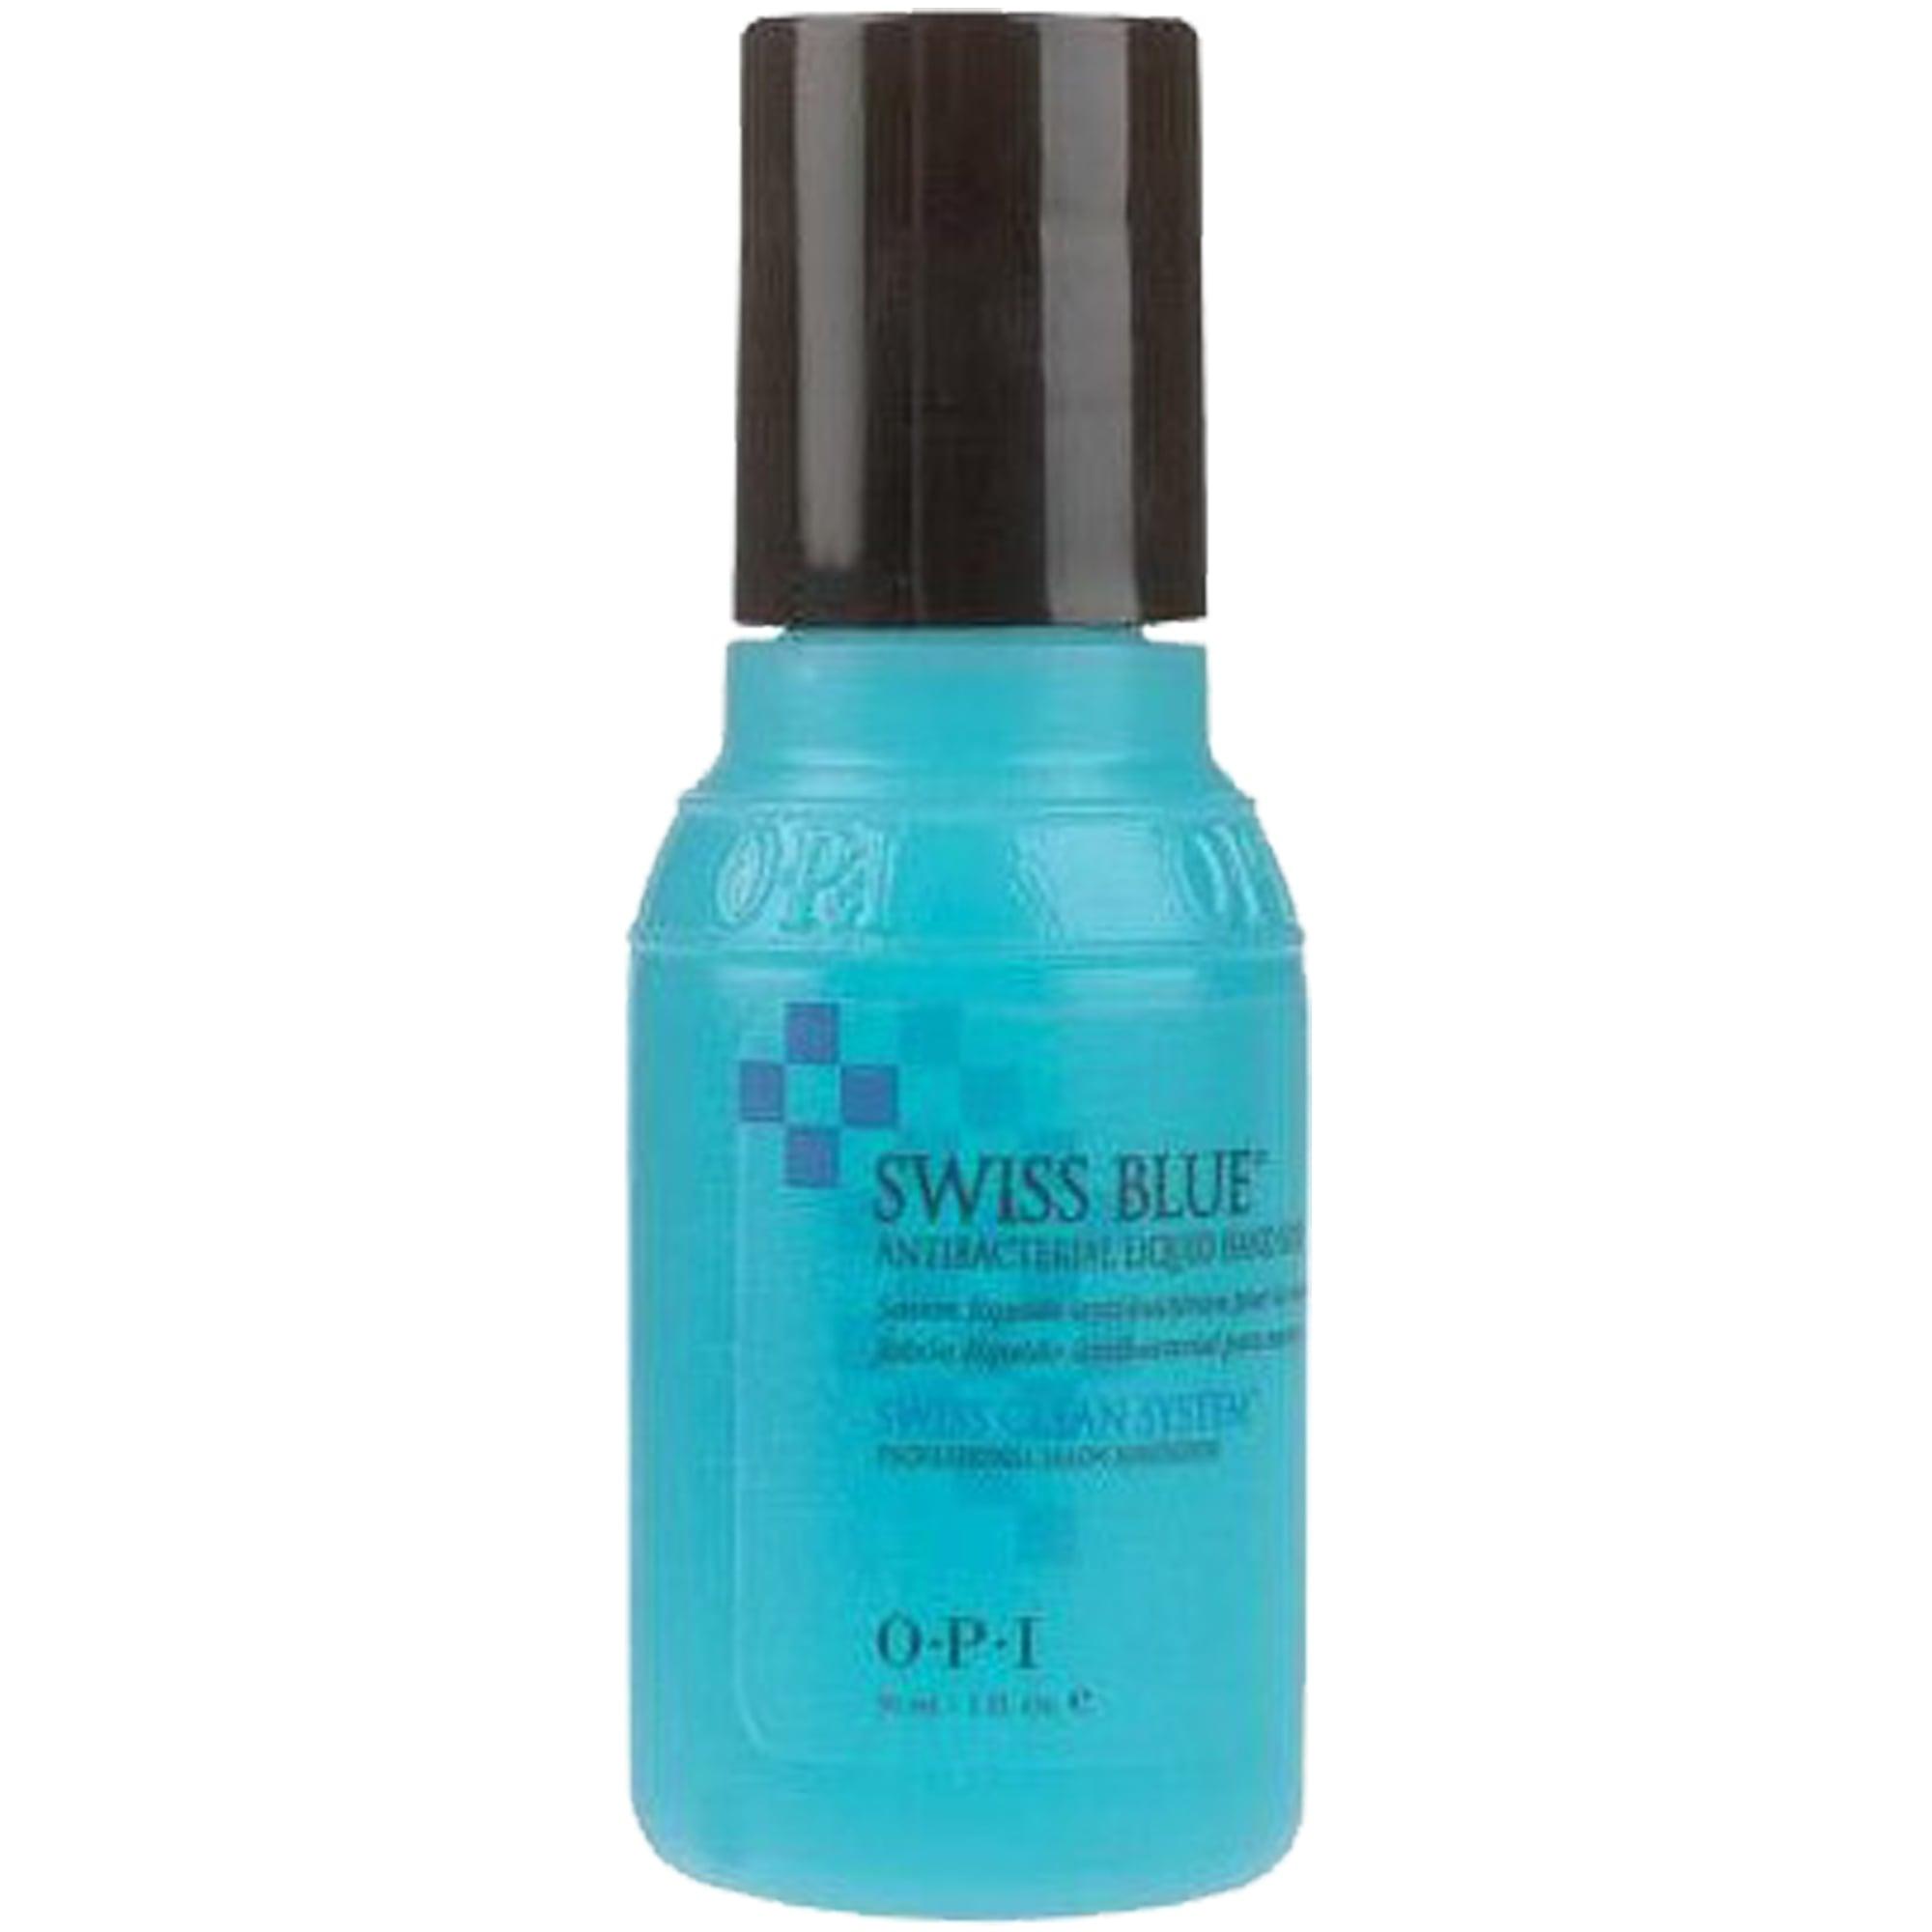 OPI Мыло для рук / Swiss Blue 30мл opi лосьон для рук и тела opi avoplex moisture replenishing lotion av711 30 мл